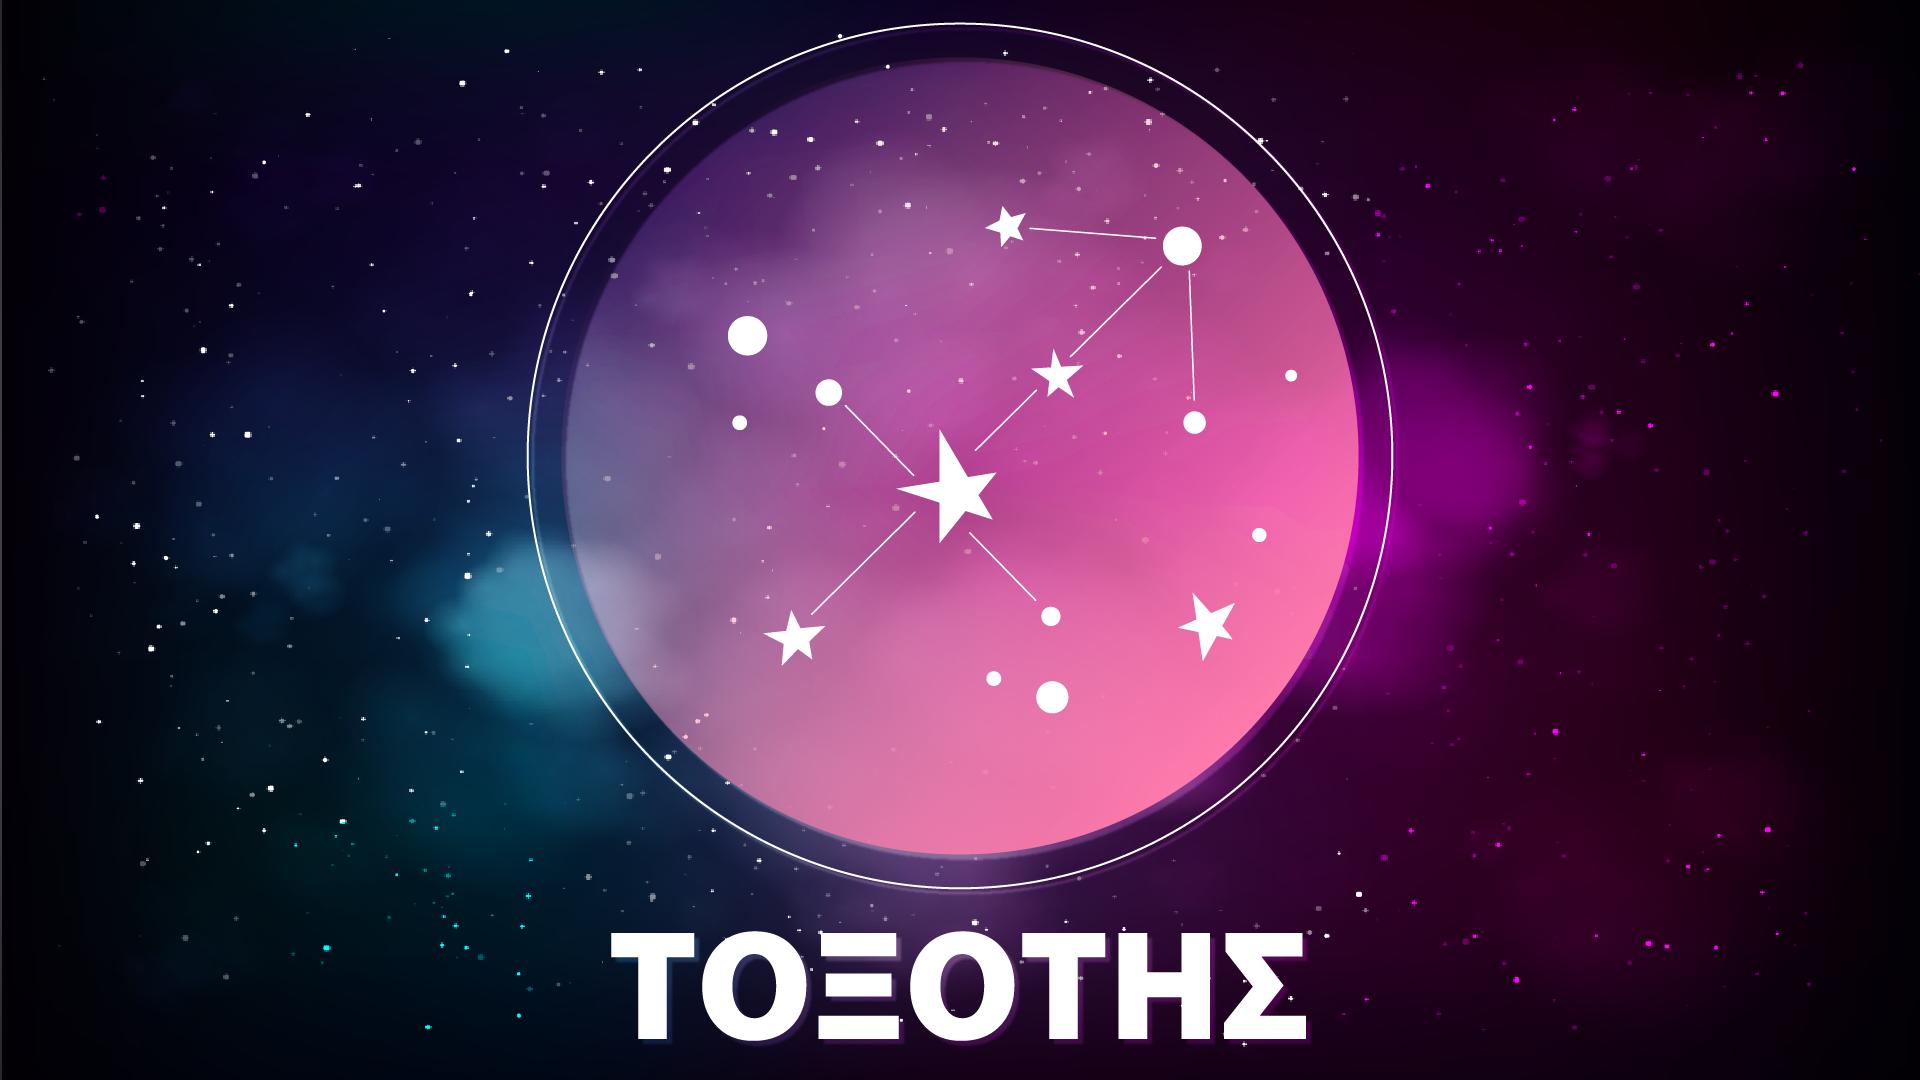 ΤΟΞΟΤΗΣ – Εβδομαδιαίες αστρολογικές προβλέψεις από 1/7 έως και 7/7 /2019